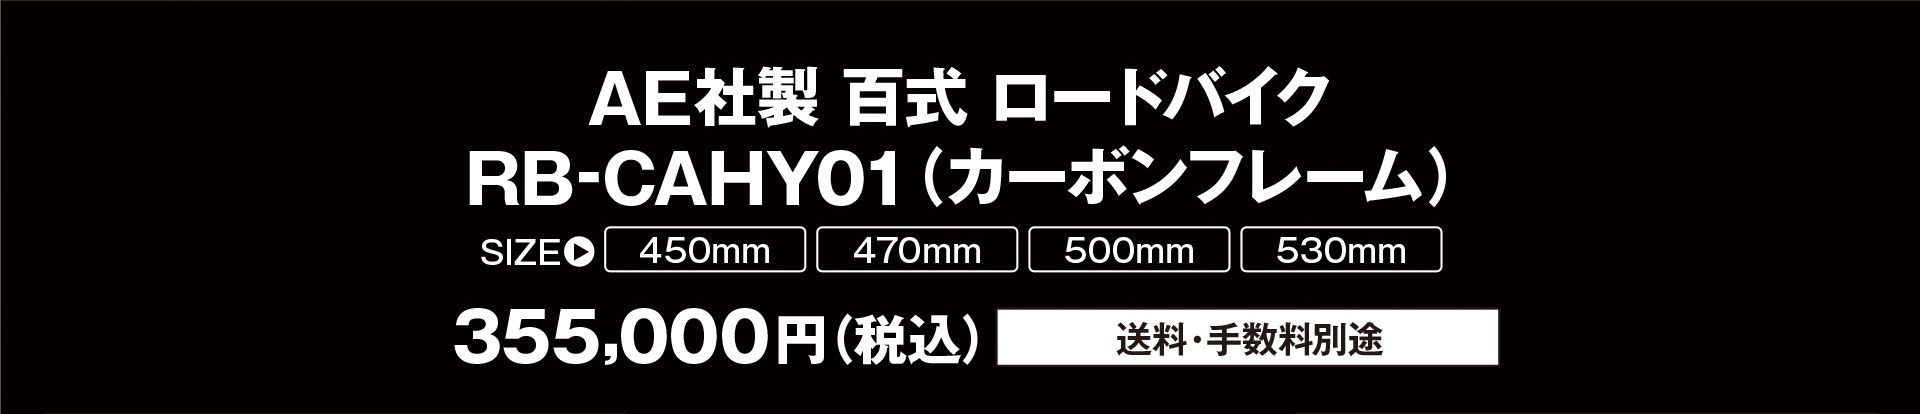 百式 ロードバイク RB-CAHY01(カーボンフレーム)